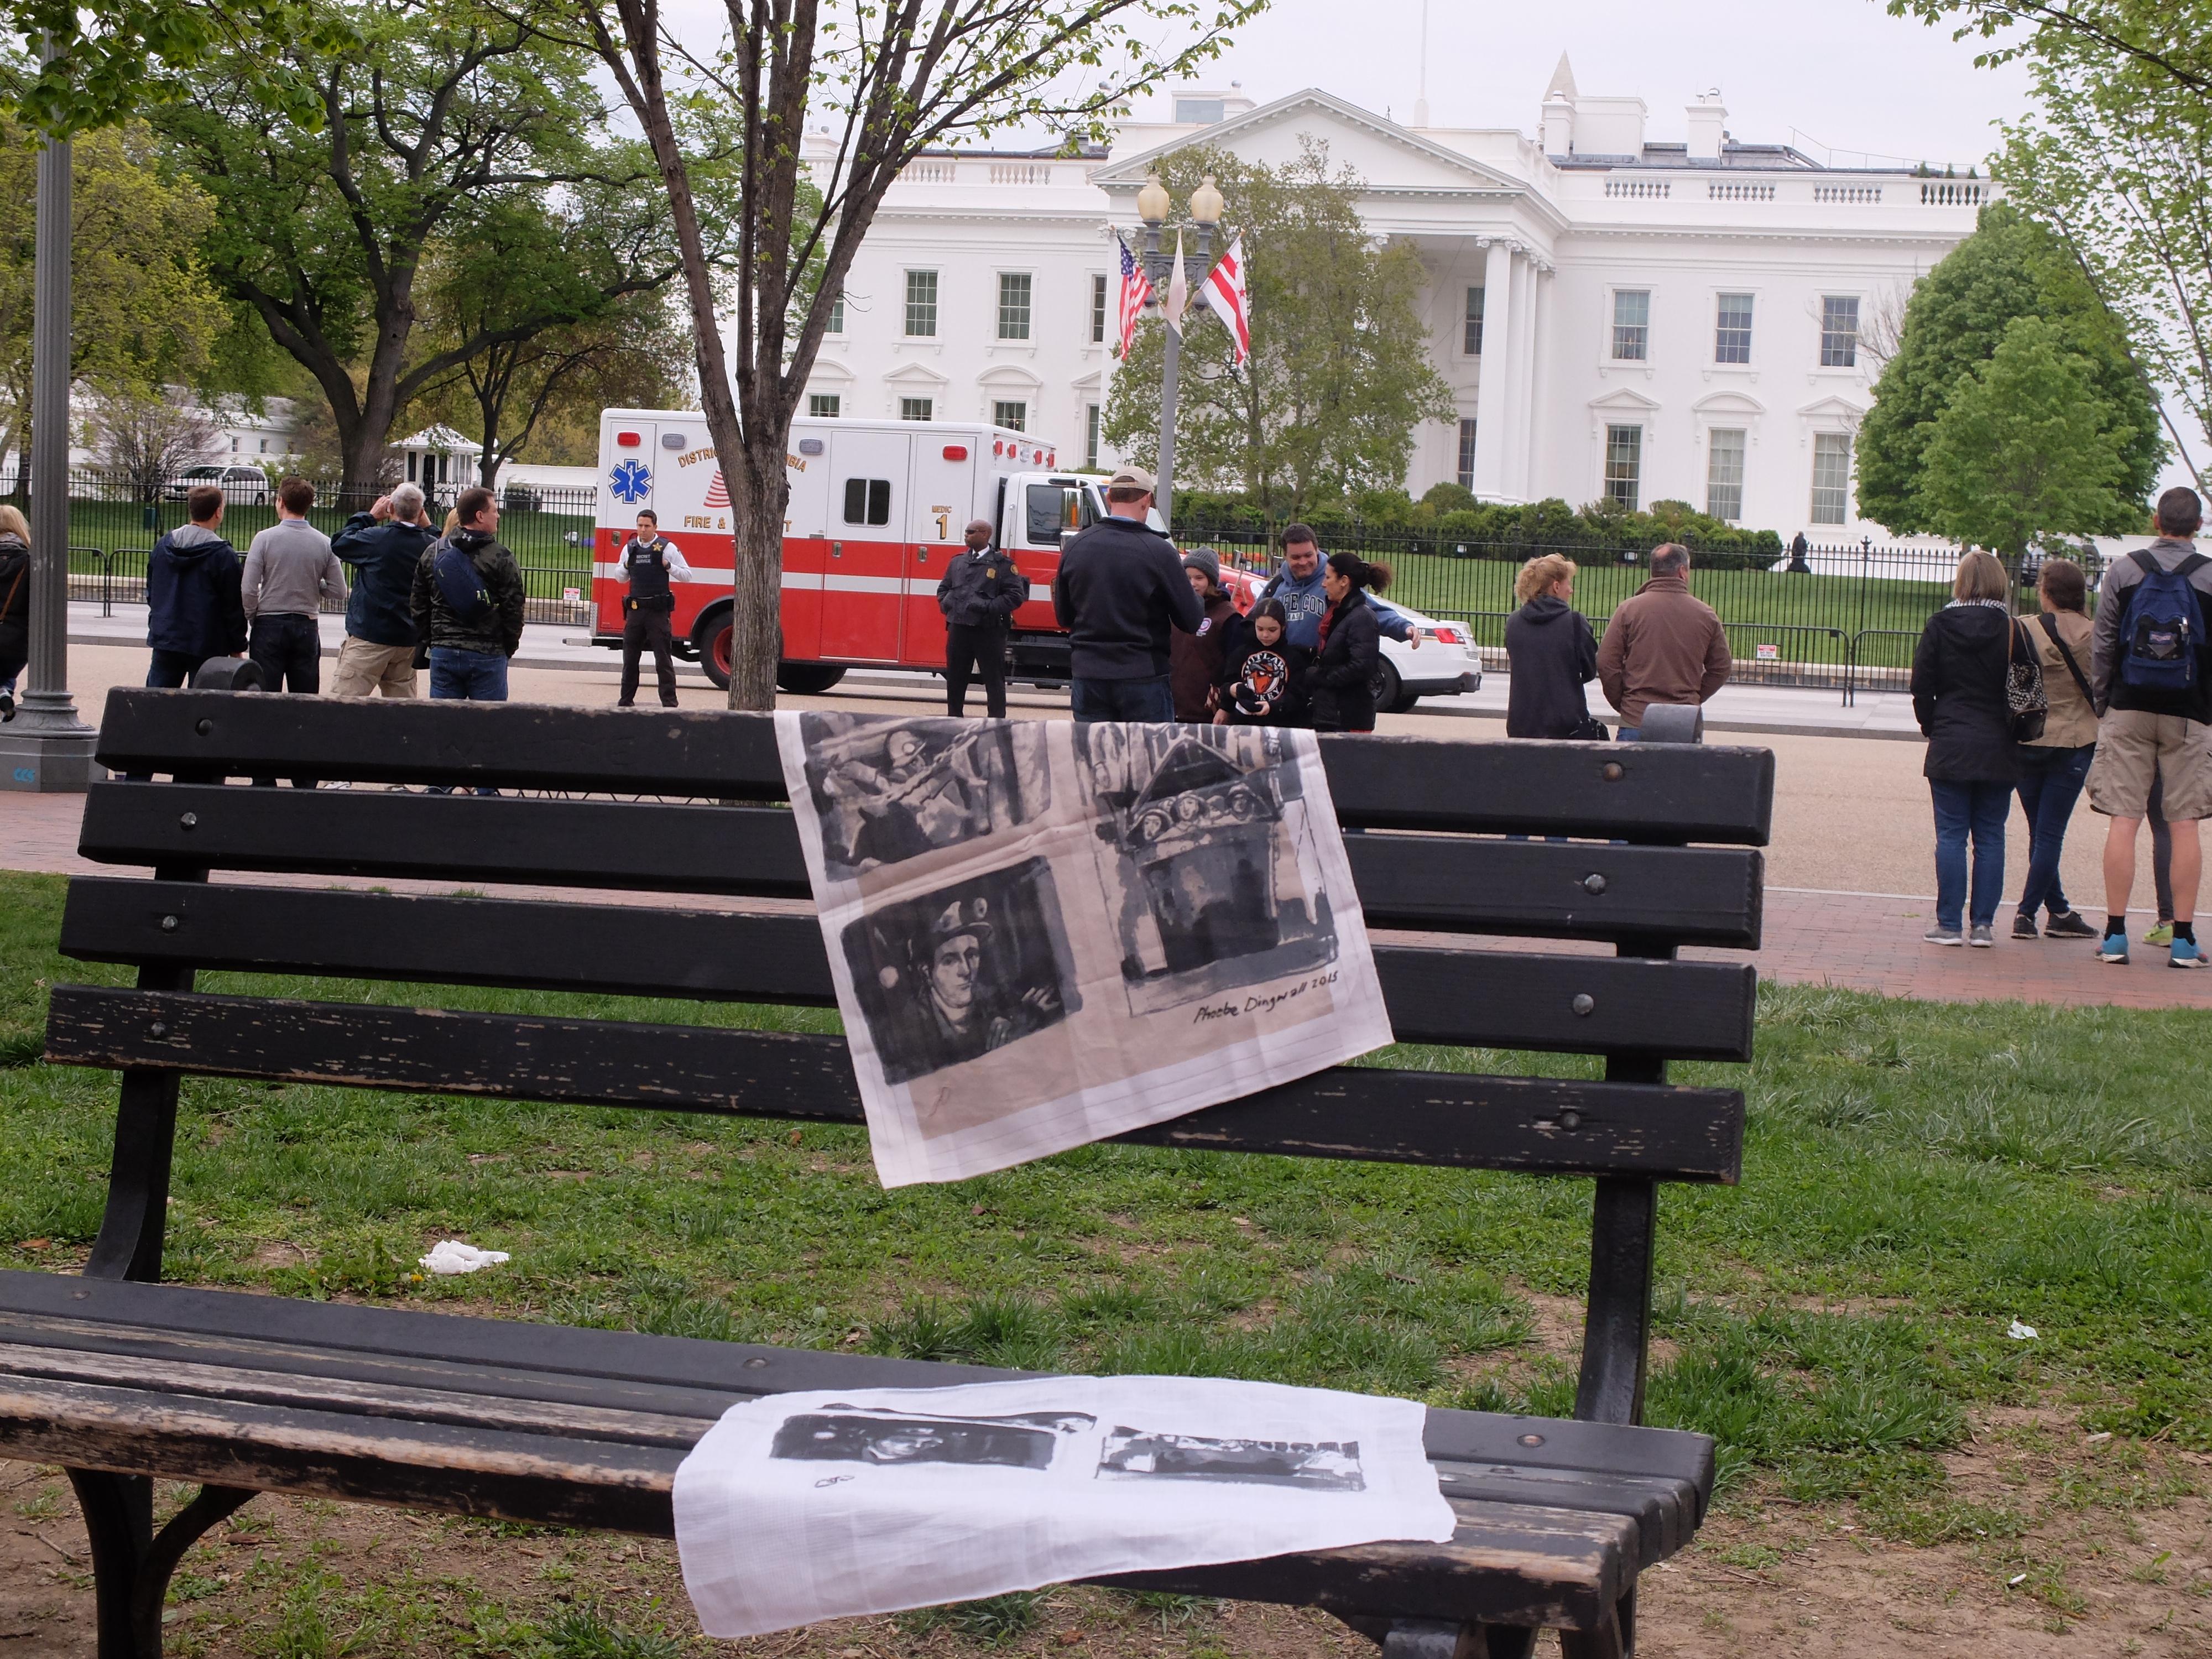 The White House, Washington, USA